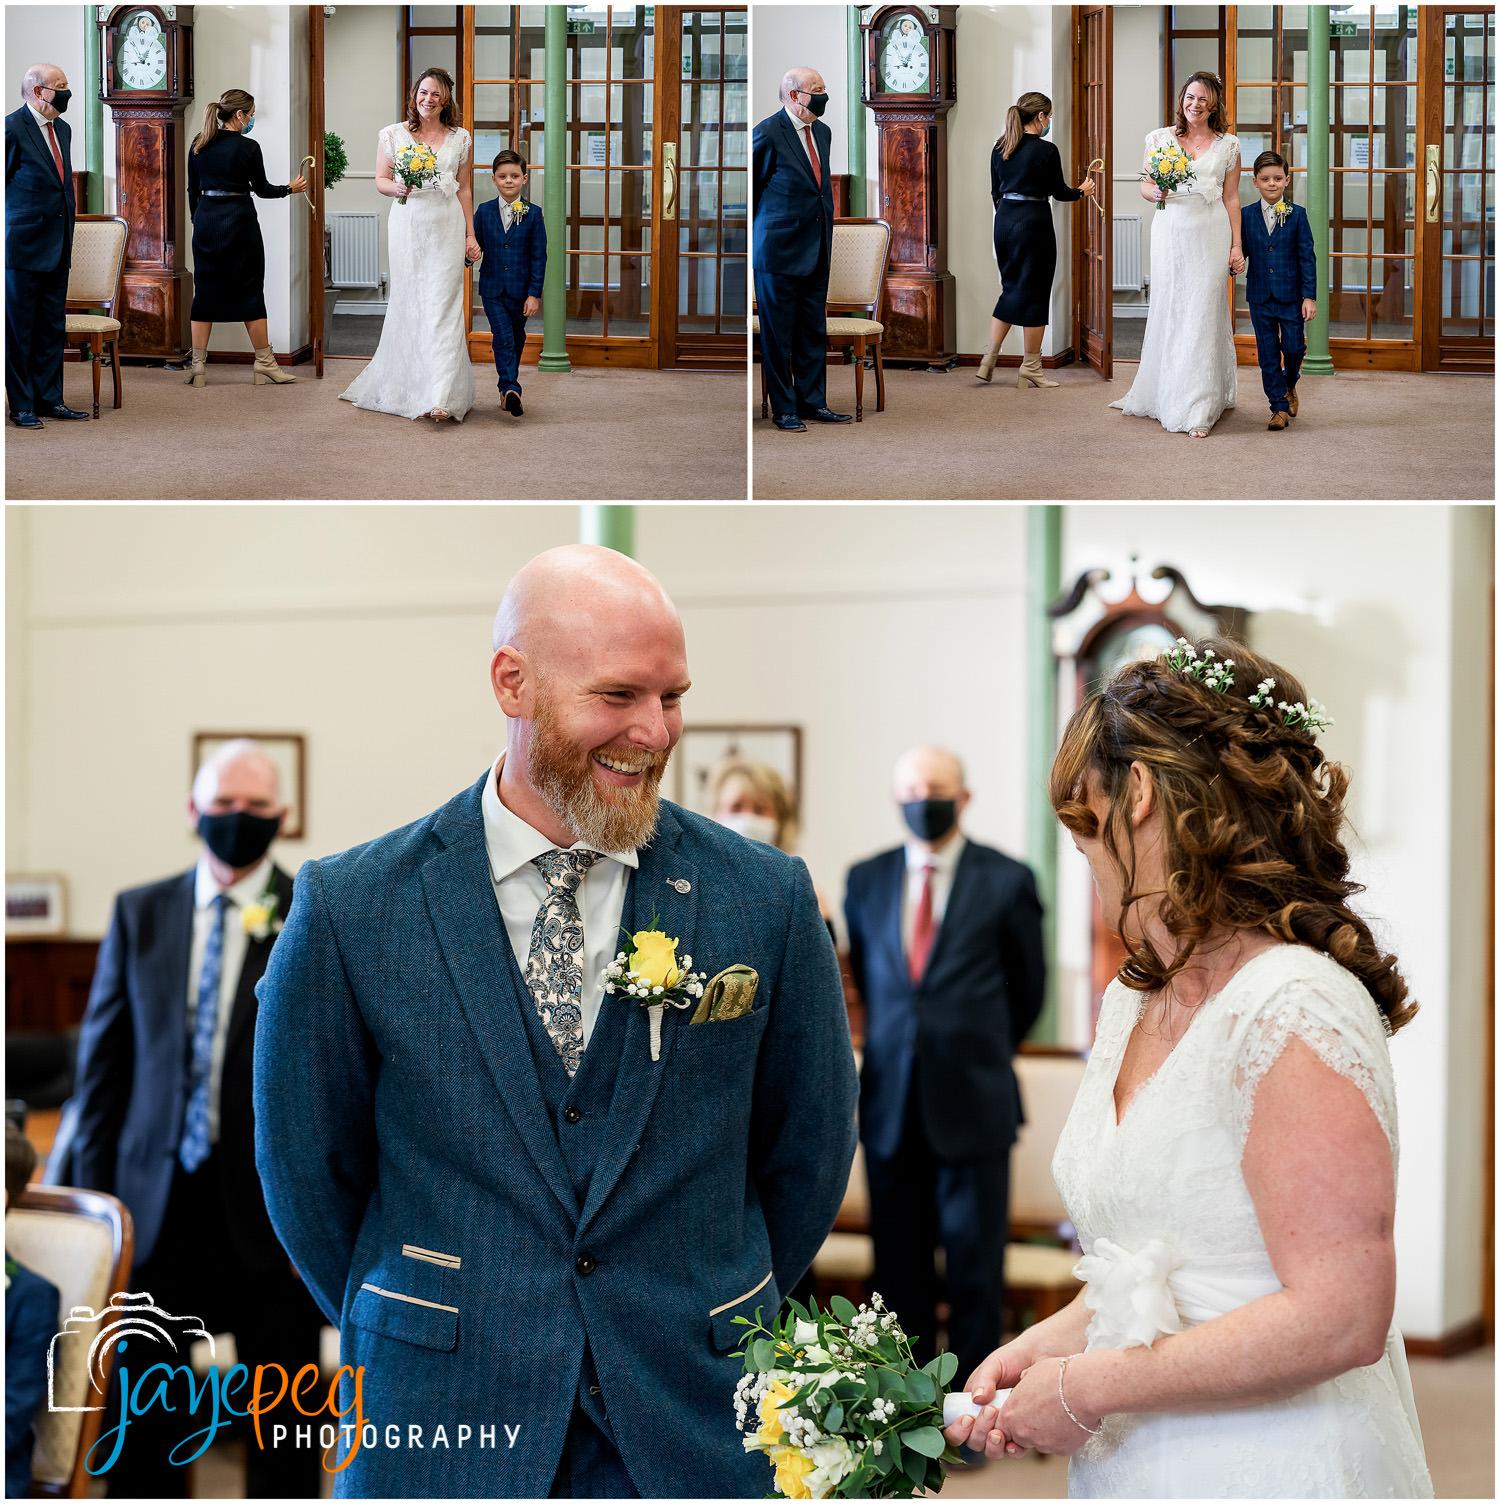 A bride walks down the aisle at Cockermouth Town Hall